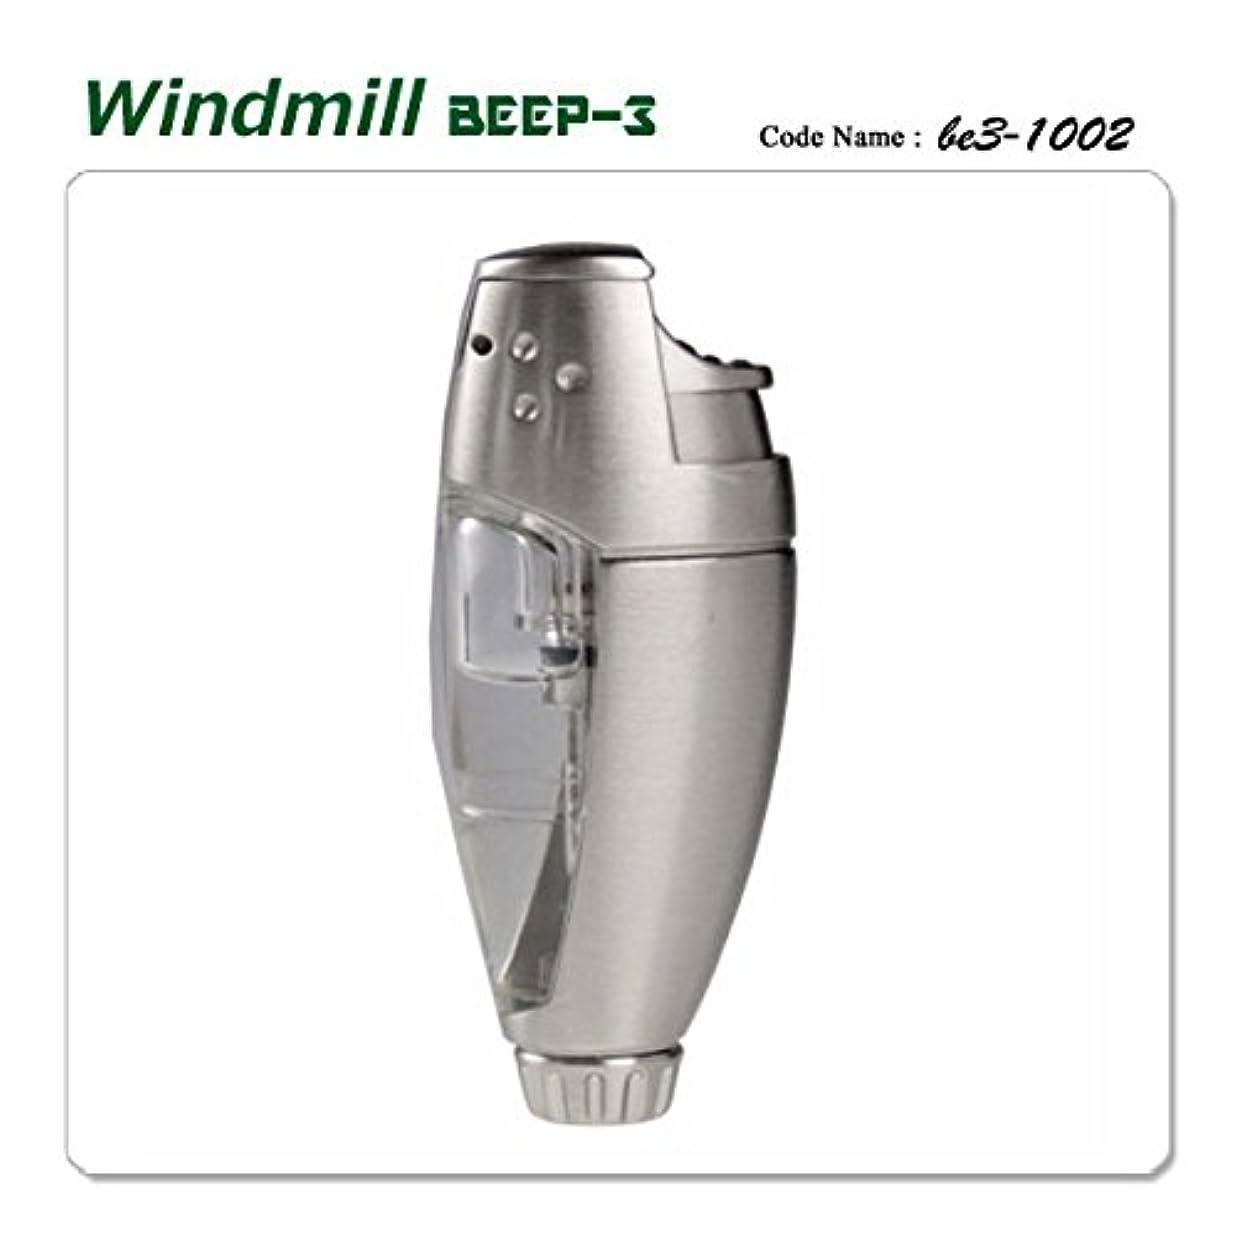 扇動する品揃え市の中心部Windmill ウインドミル 内燃式ターボライター ガスライター BEEP3 1002 ビープ3 クロムパール バーナーフレームライター